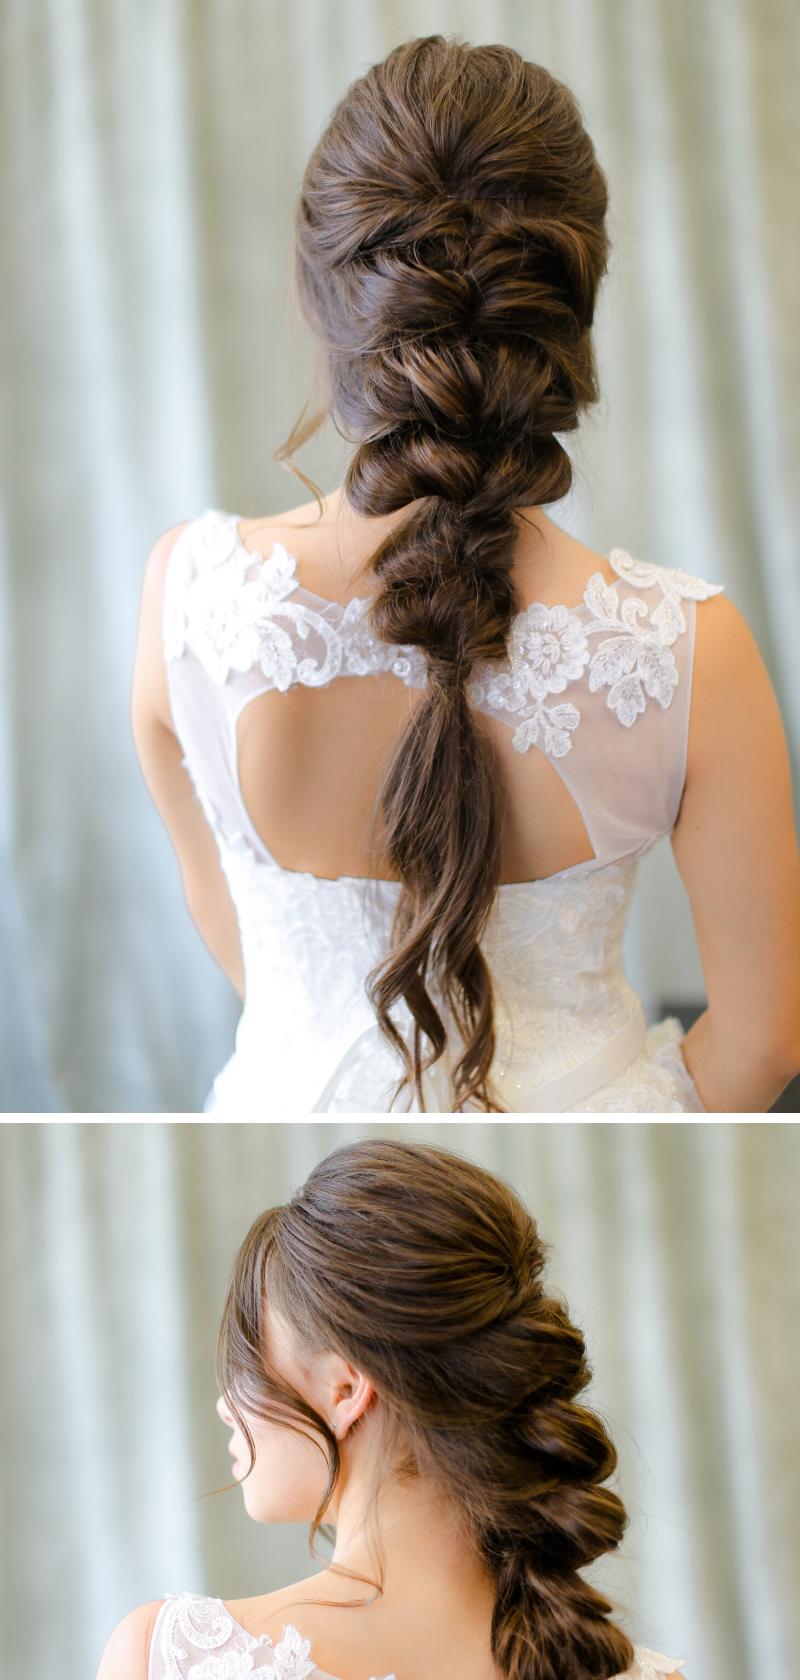 30 Stilvolle Ideen Fur Eine Brautfrisur Mit Zopf Hochzeitskiste Brautfrisur Hochzeitsfrisuren Zopfe